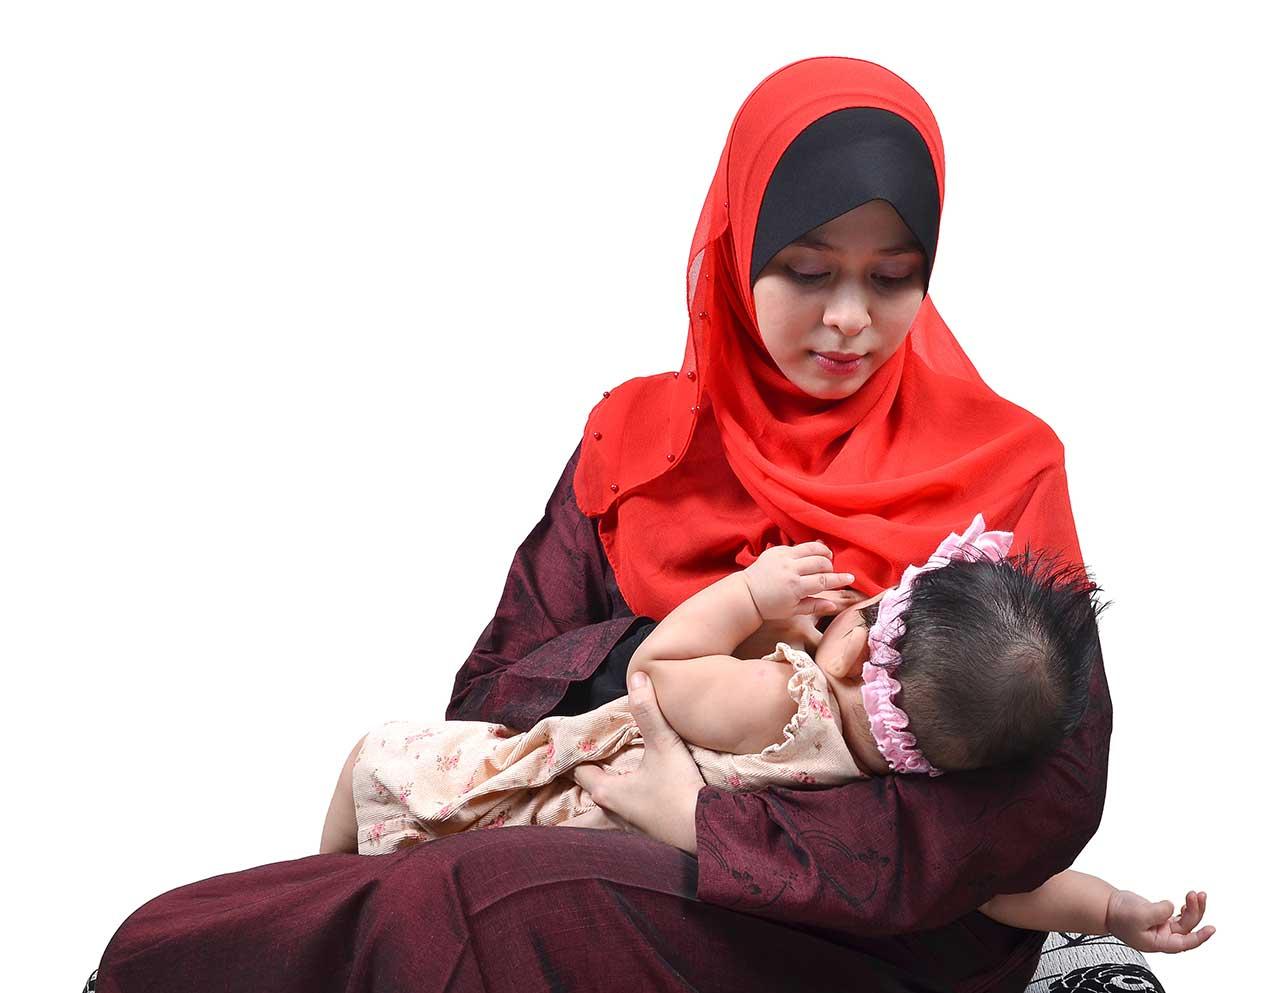 توصیه هایی به مادران جدید برای مقابله با خستگی و فرسودگی